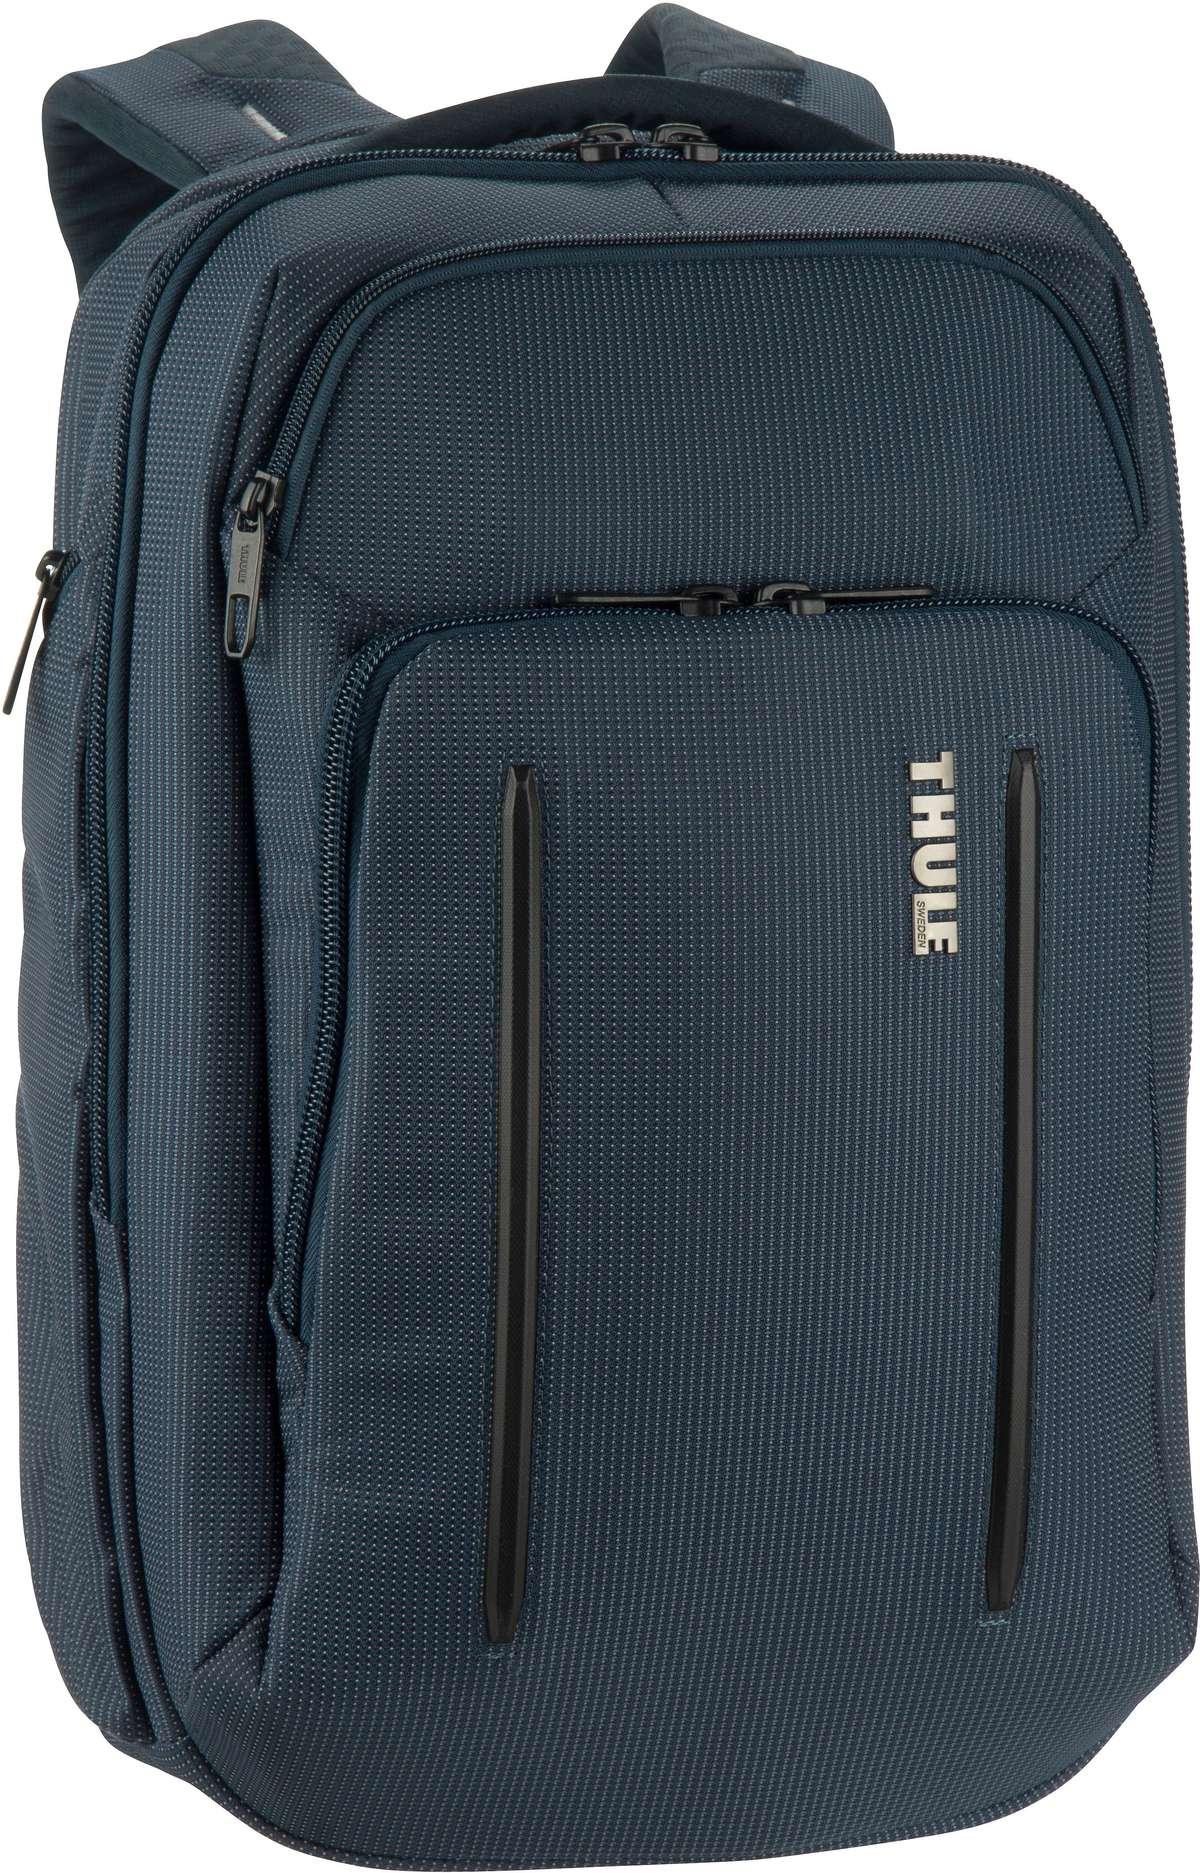 Rucksack / Daypack Crossover 2 Backpack 30L Dark Blue (30 Liter)